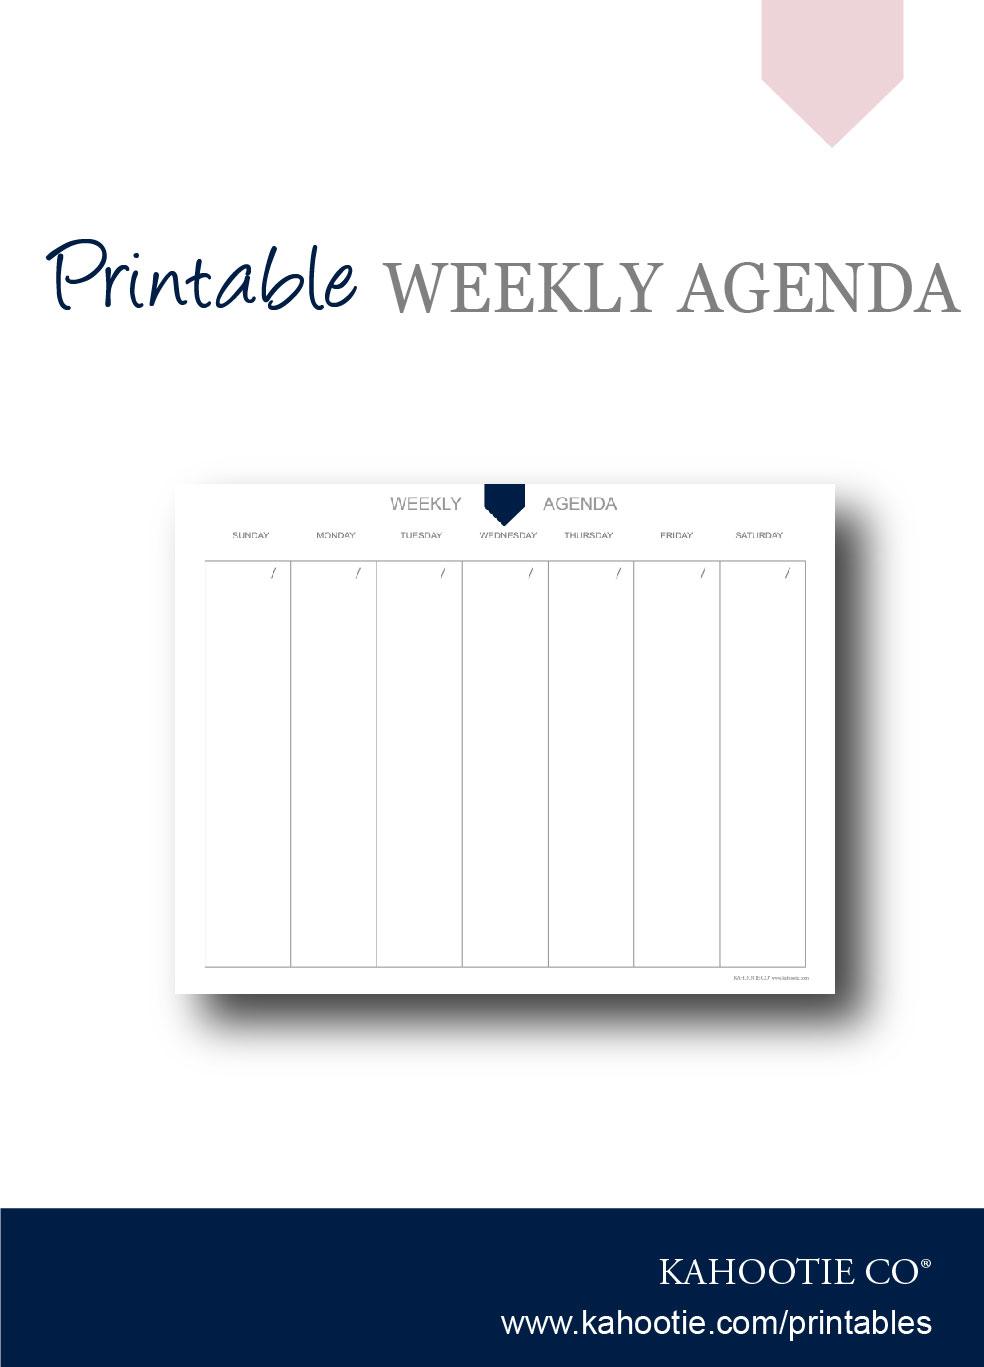 weeklyagendaprintablejpg-02.jpg